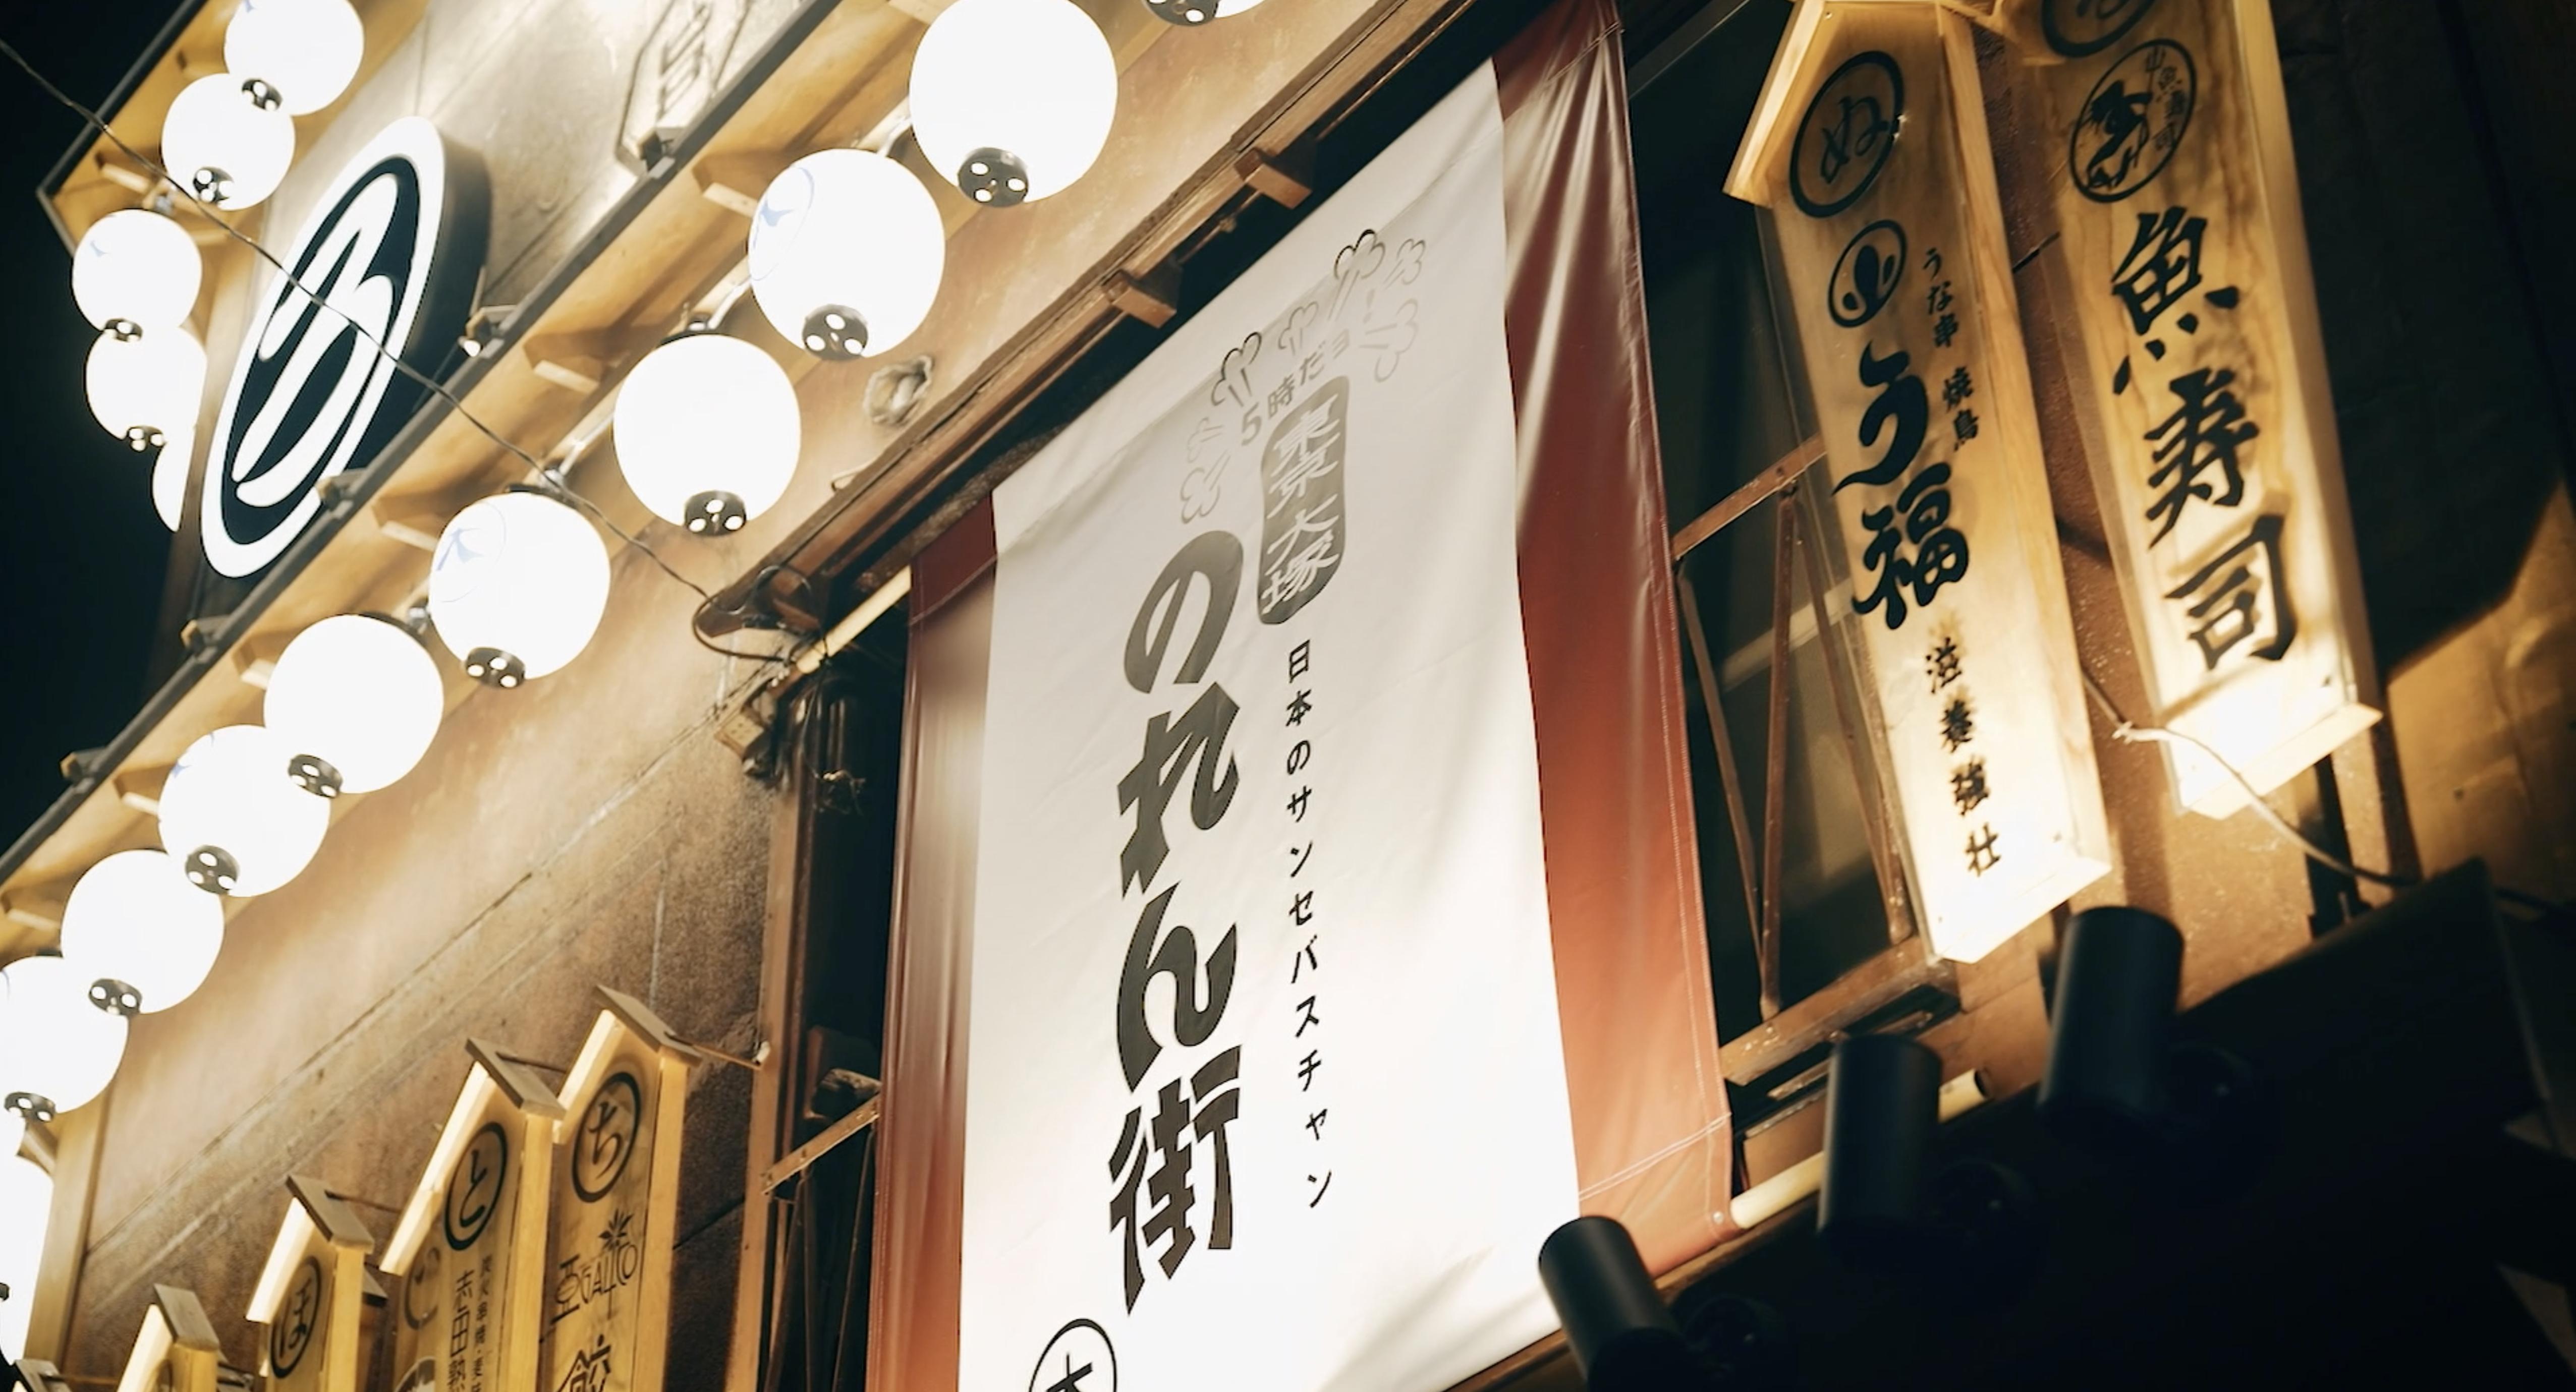 東京大塚 のれん街 / Norengai Promotion Film